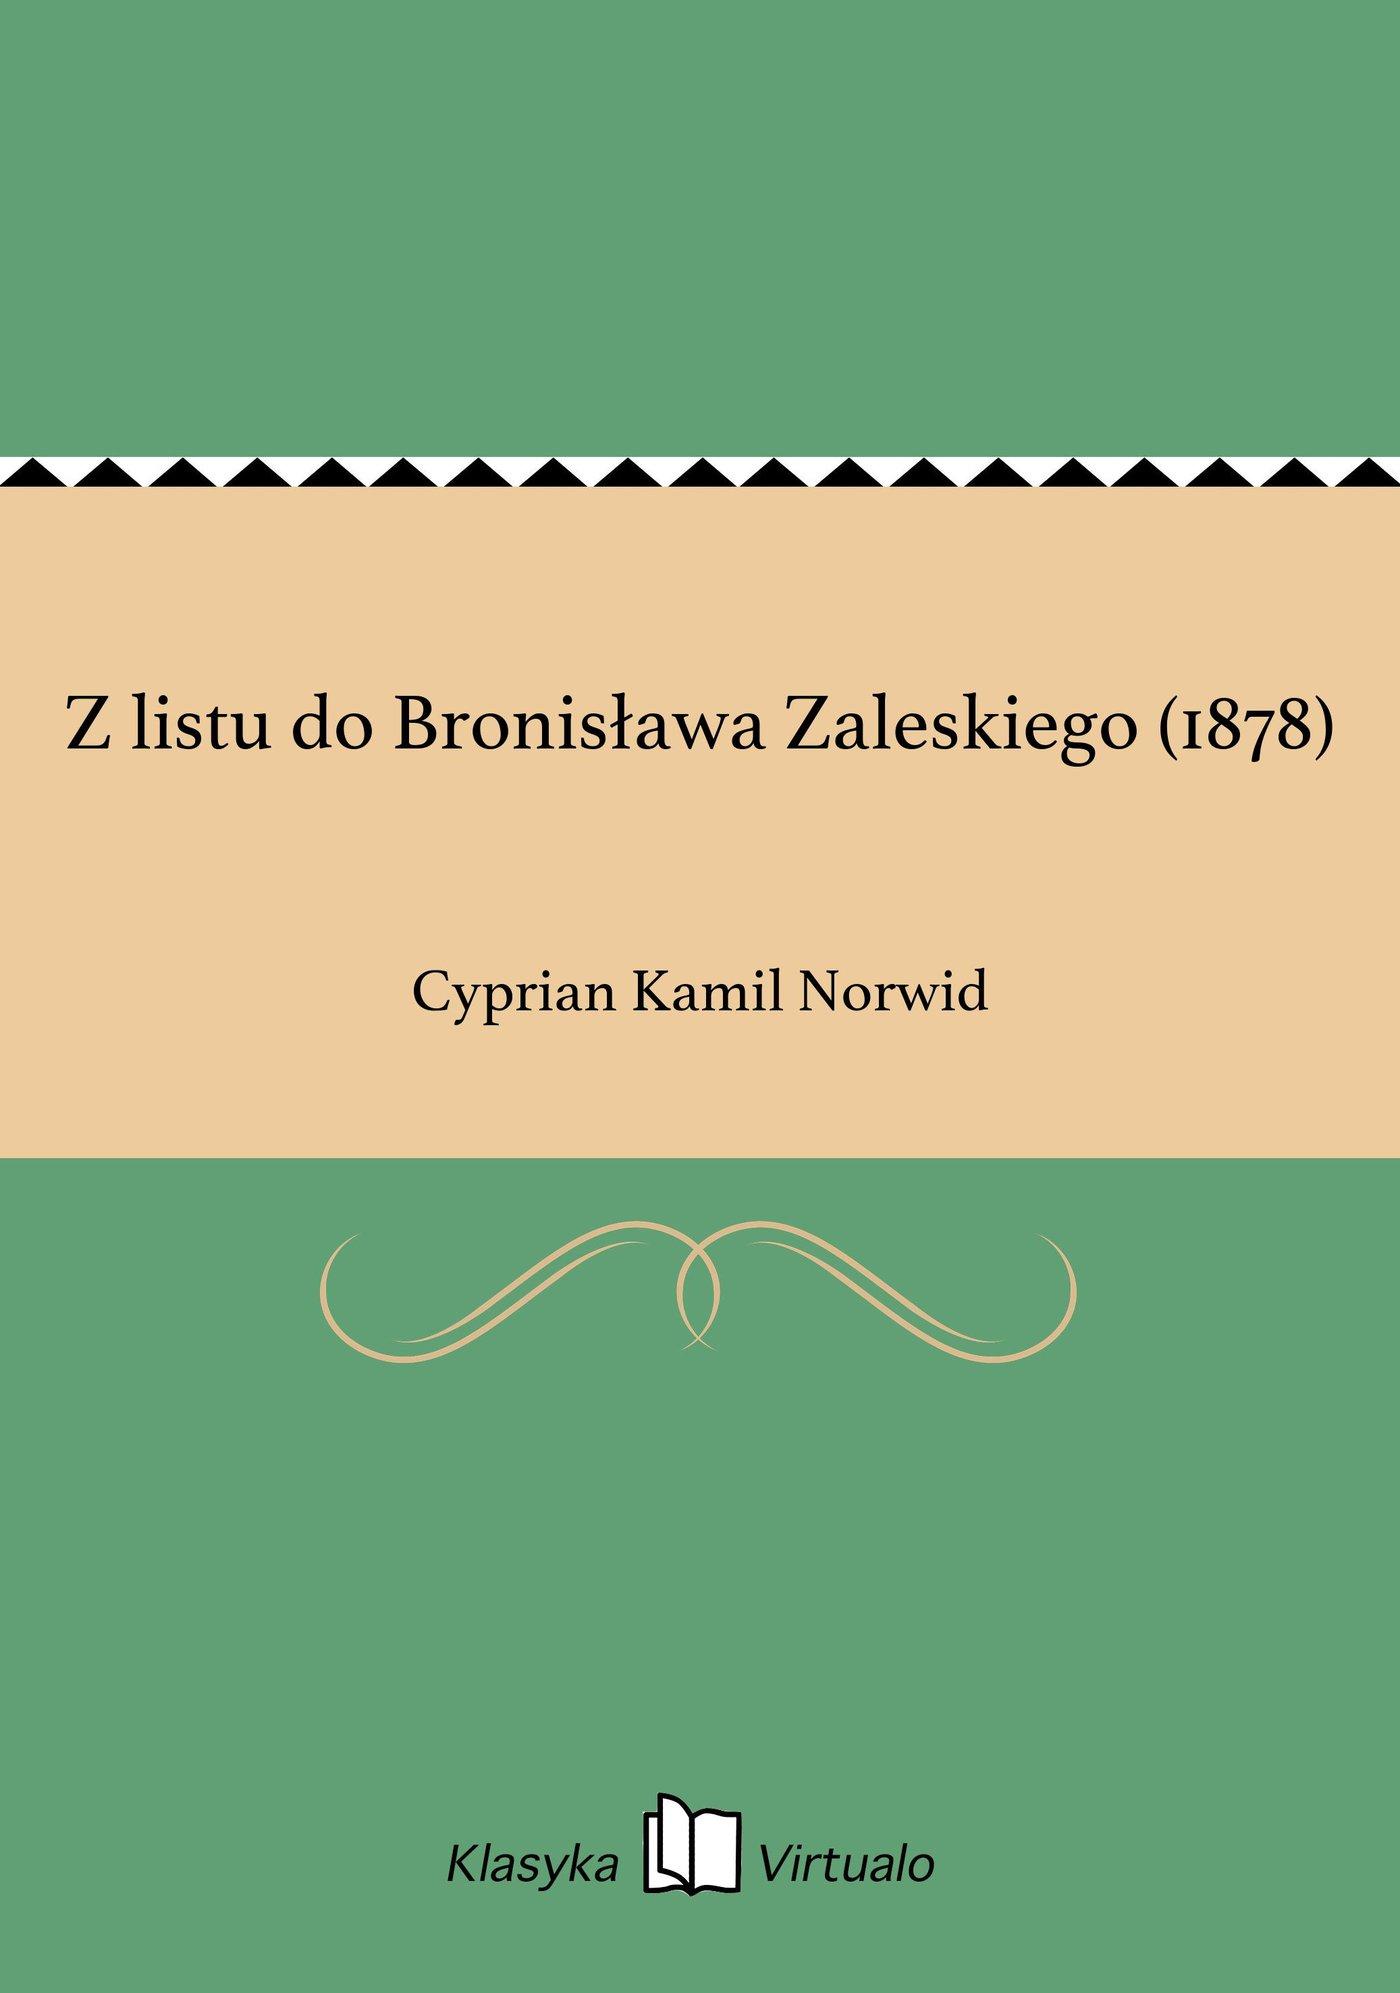 Z listu do Bronisława Zaleskiego (1878) - Ebook (Książka na Kindle) do pobrania w formacie MOBI